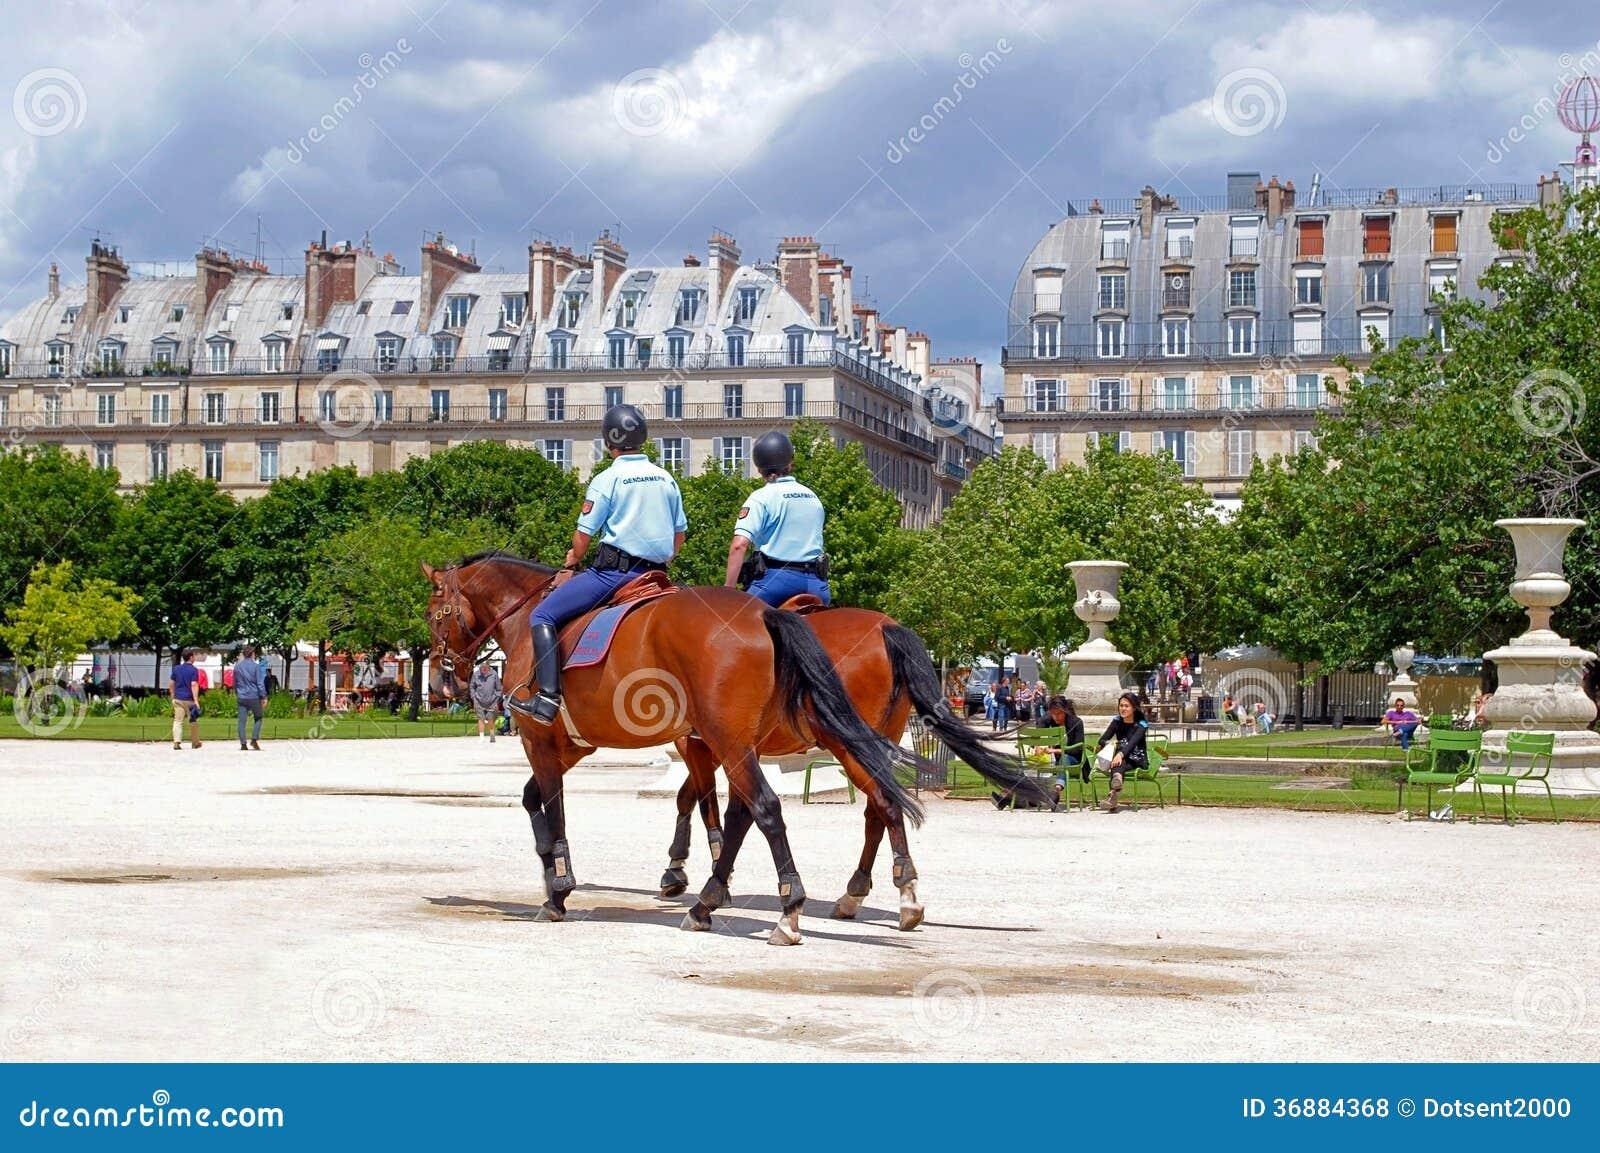 Download Polizia montata. fotografia stock editoriale. Immagine di horseback - 36884368